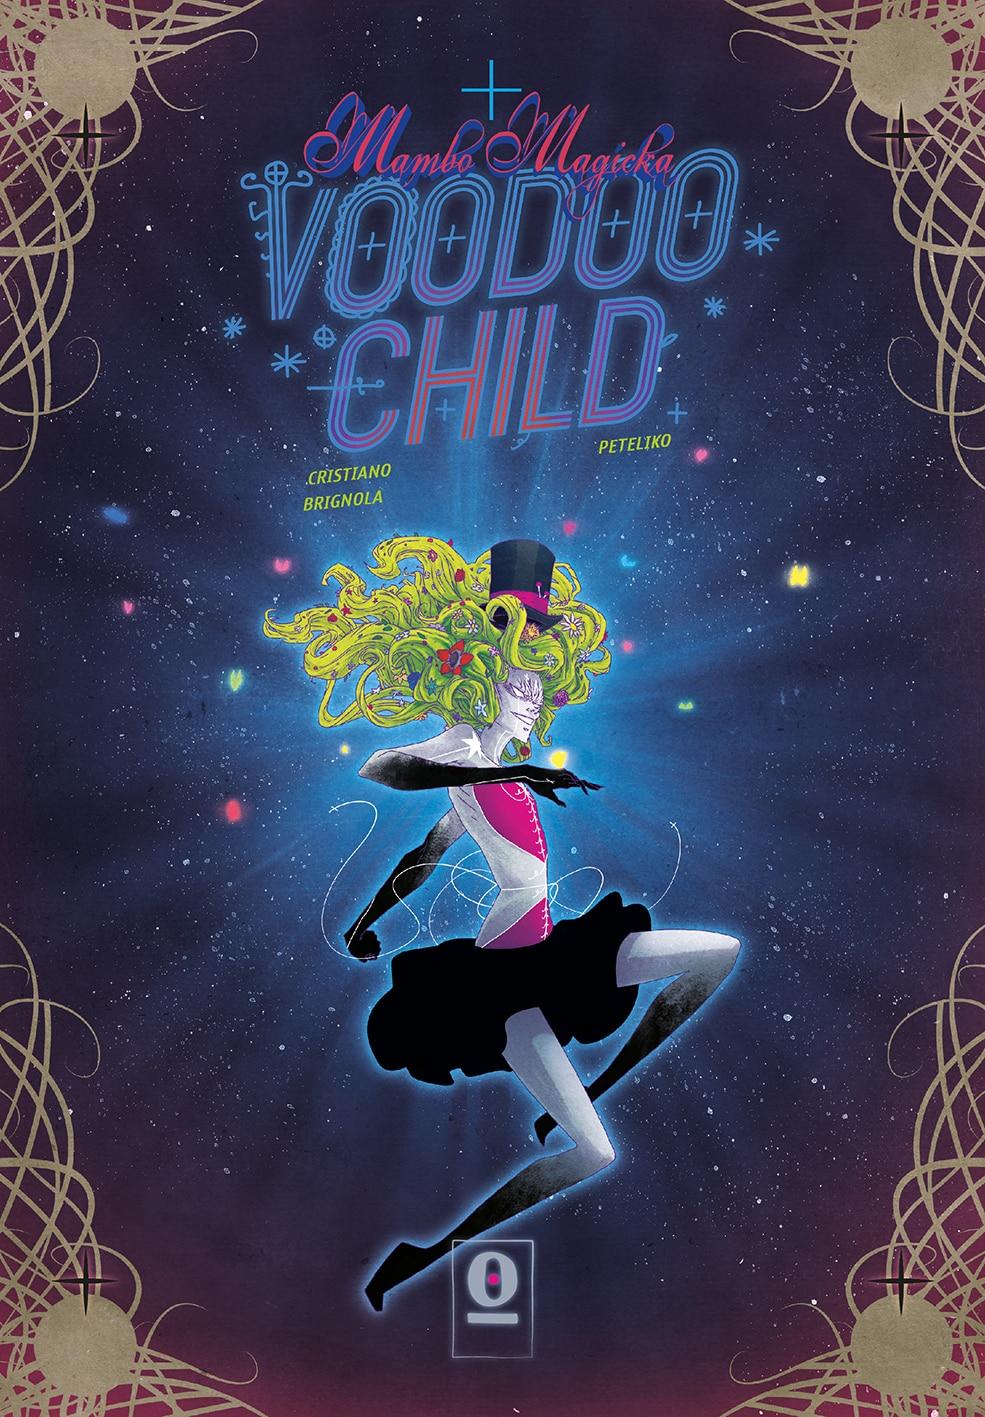 Mambo-Magicka-Voodoo-Child-01-Cover_Lo Spazio Bianco consiglia